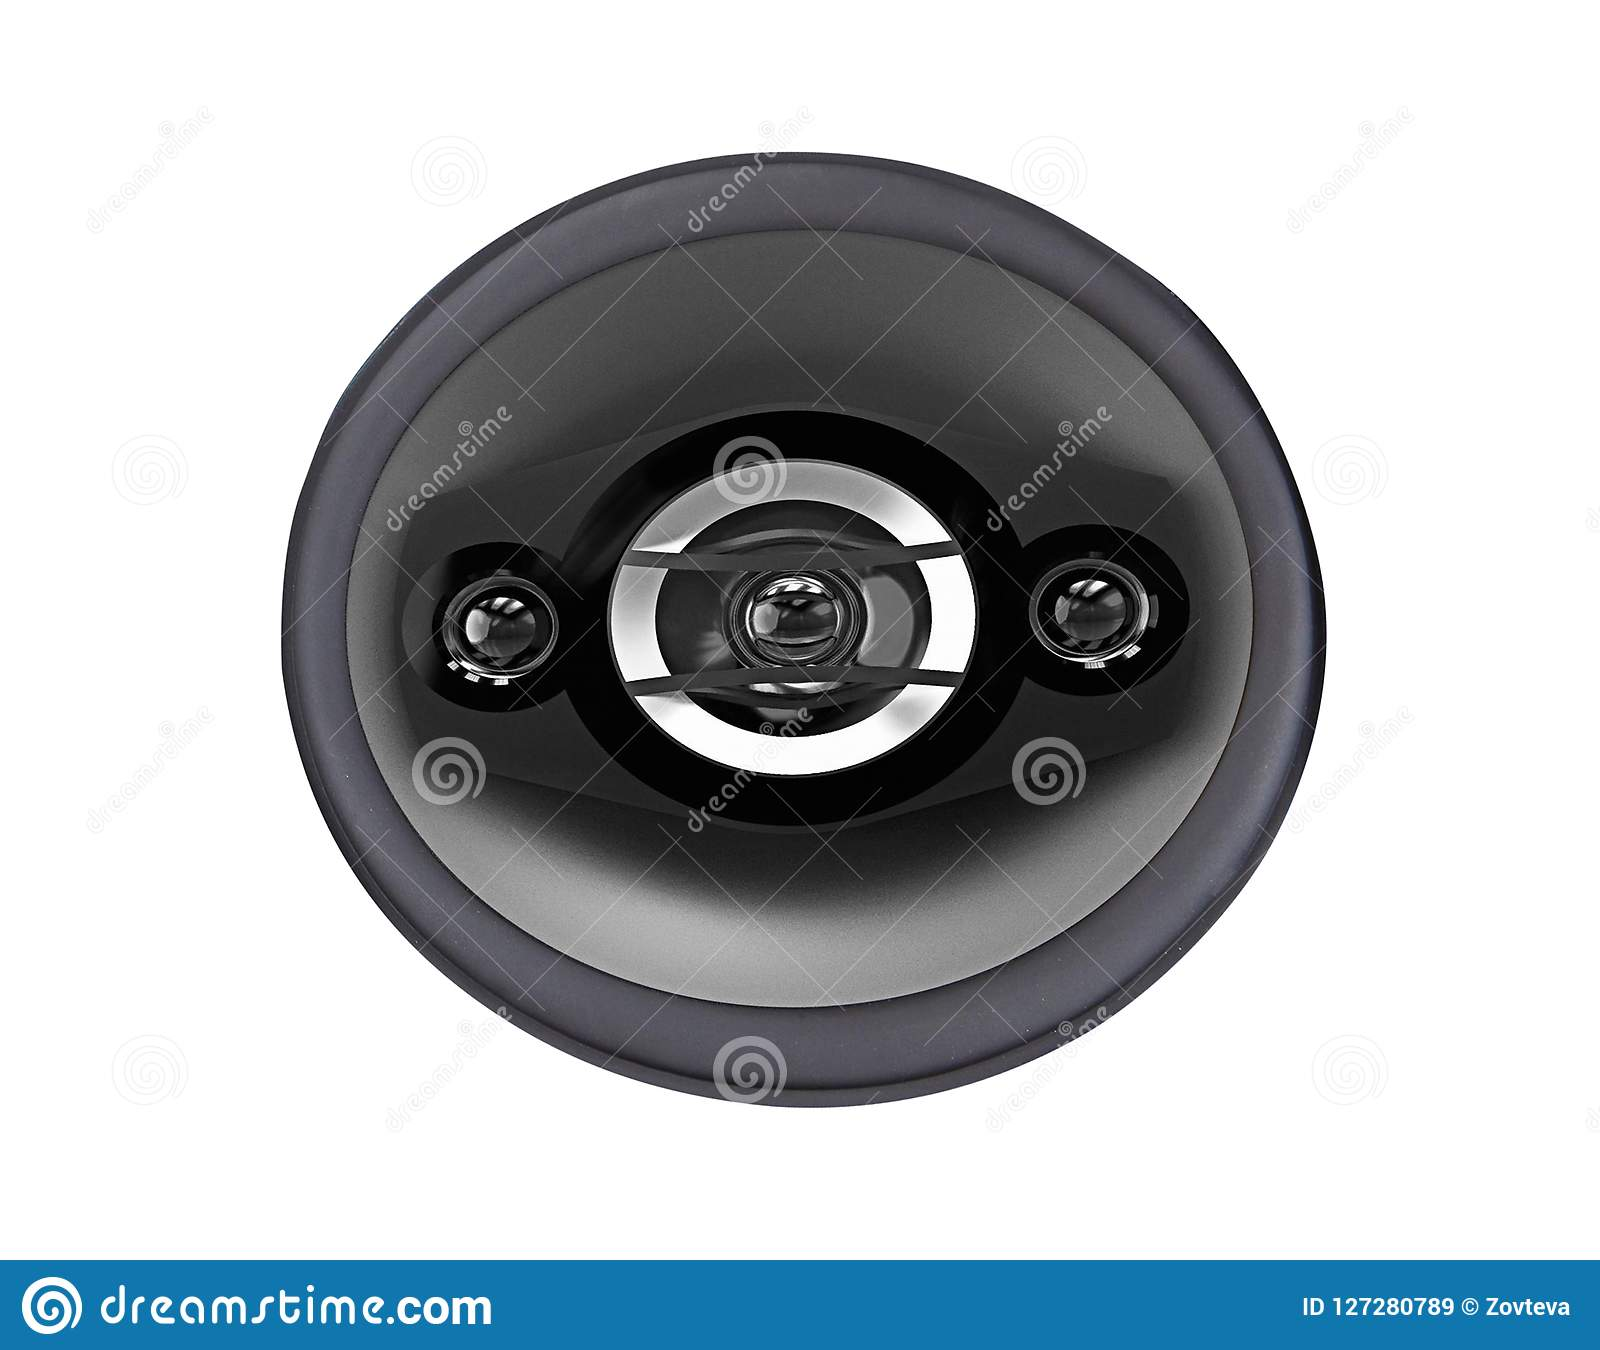 Modern power loudspeaker isolated on white